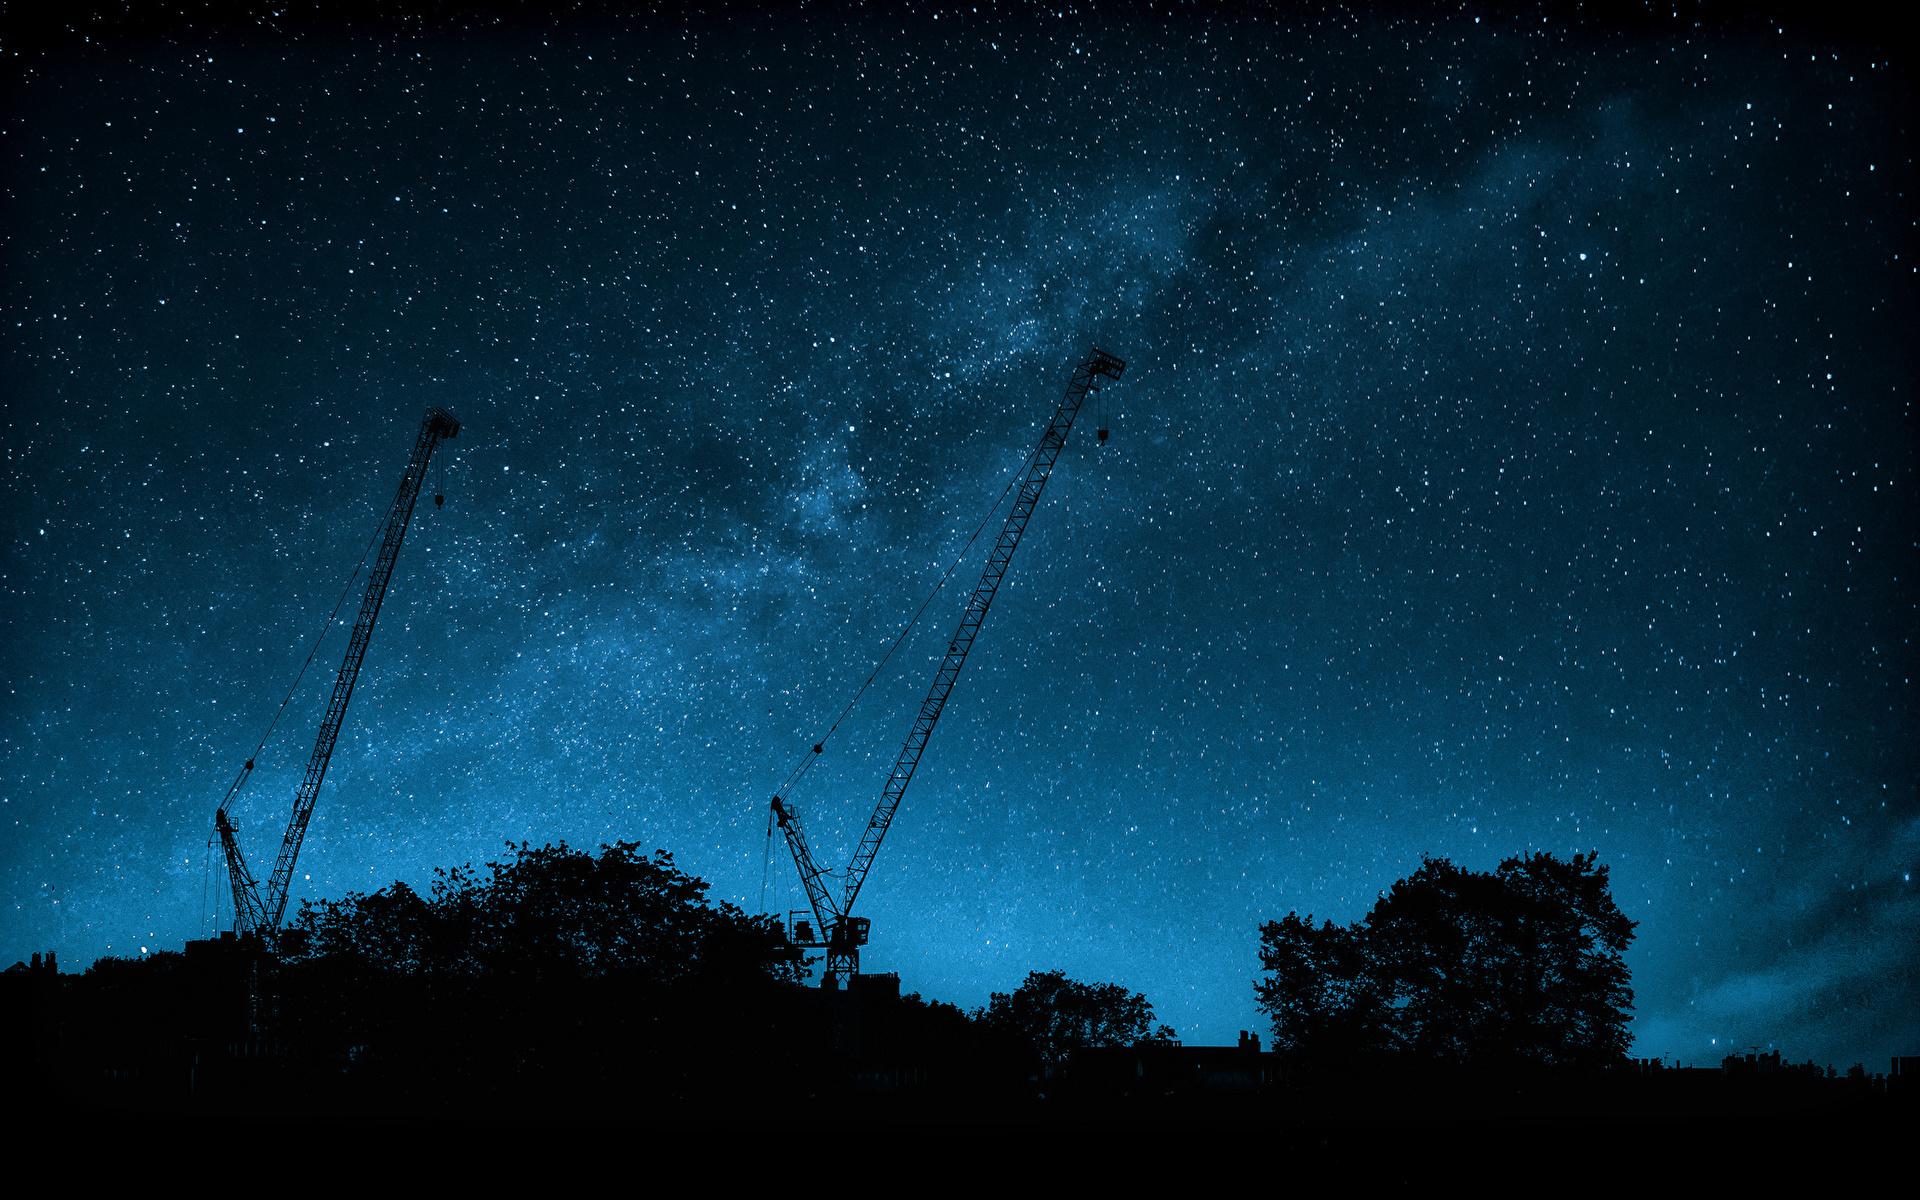 壁紙 19x10 天の川 空 恒星 夜 シルエット 宇宙空間 ダウンロード 写真